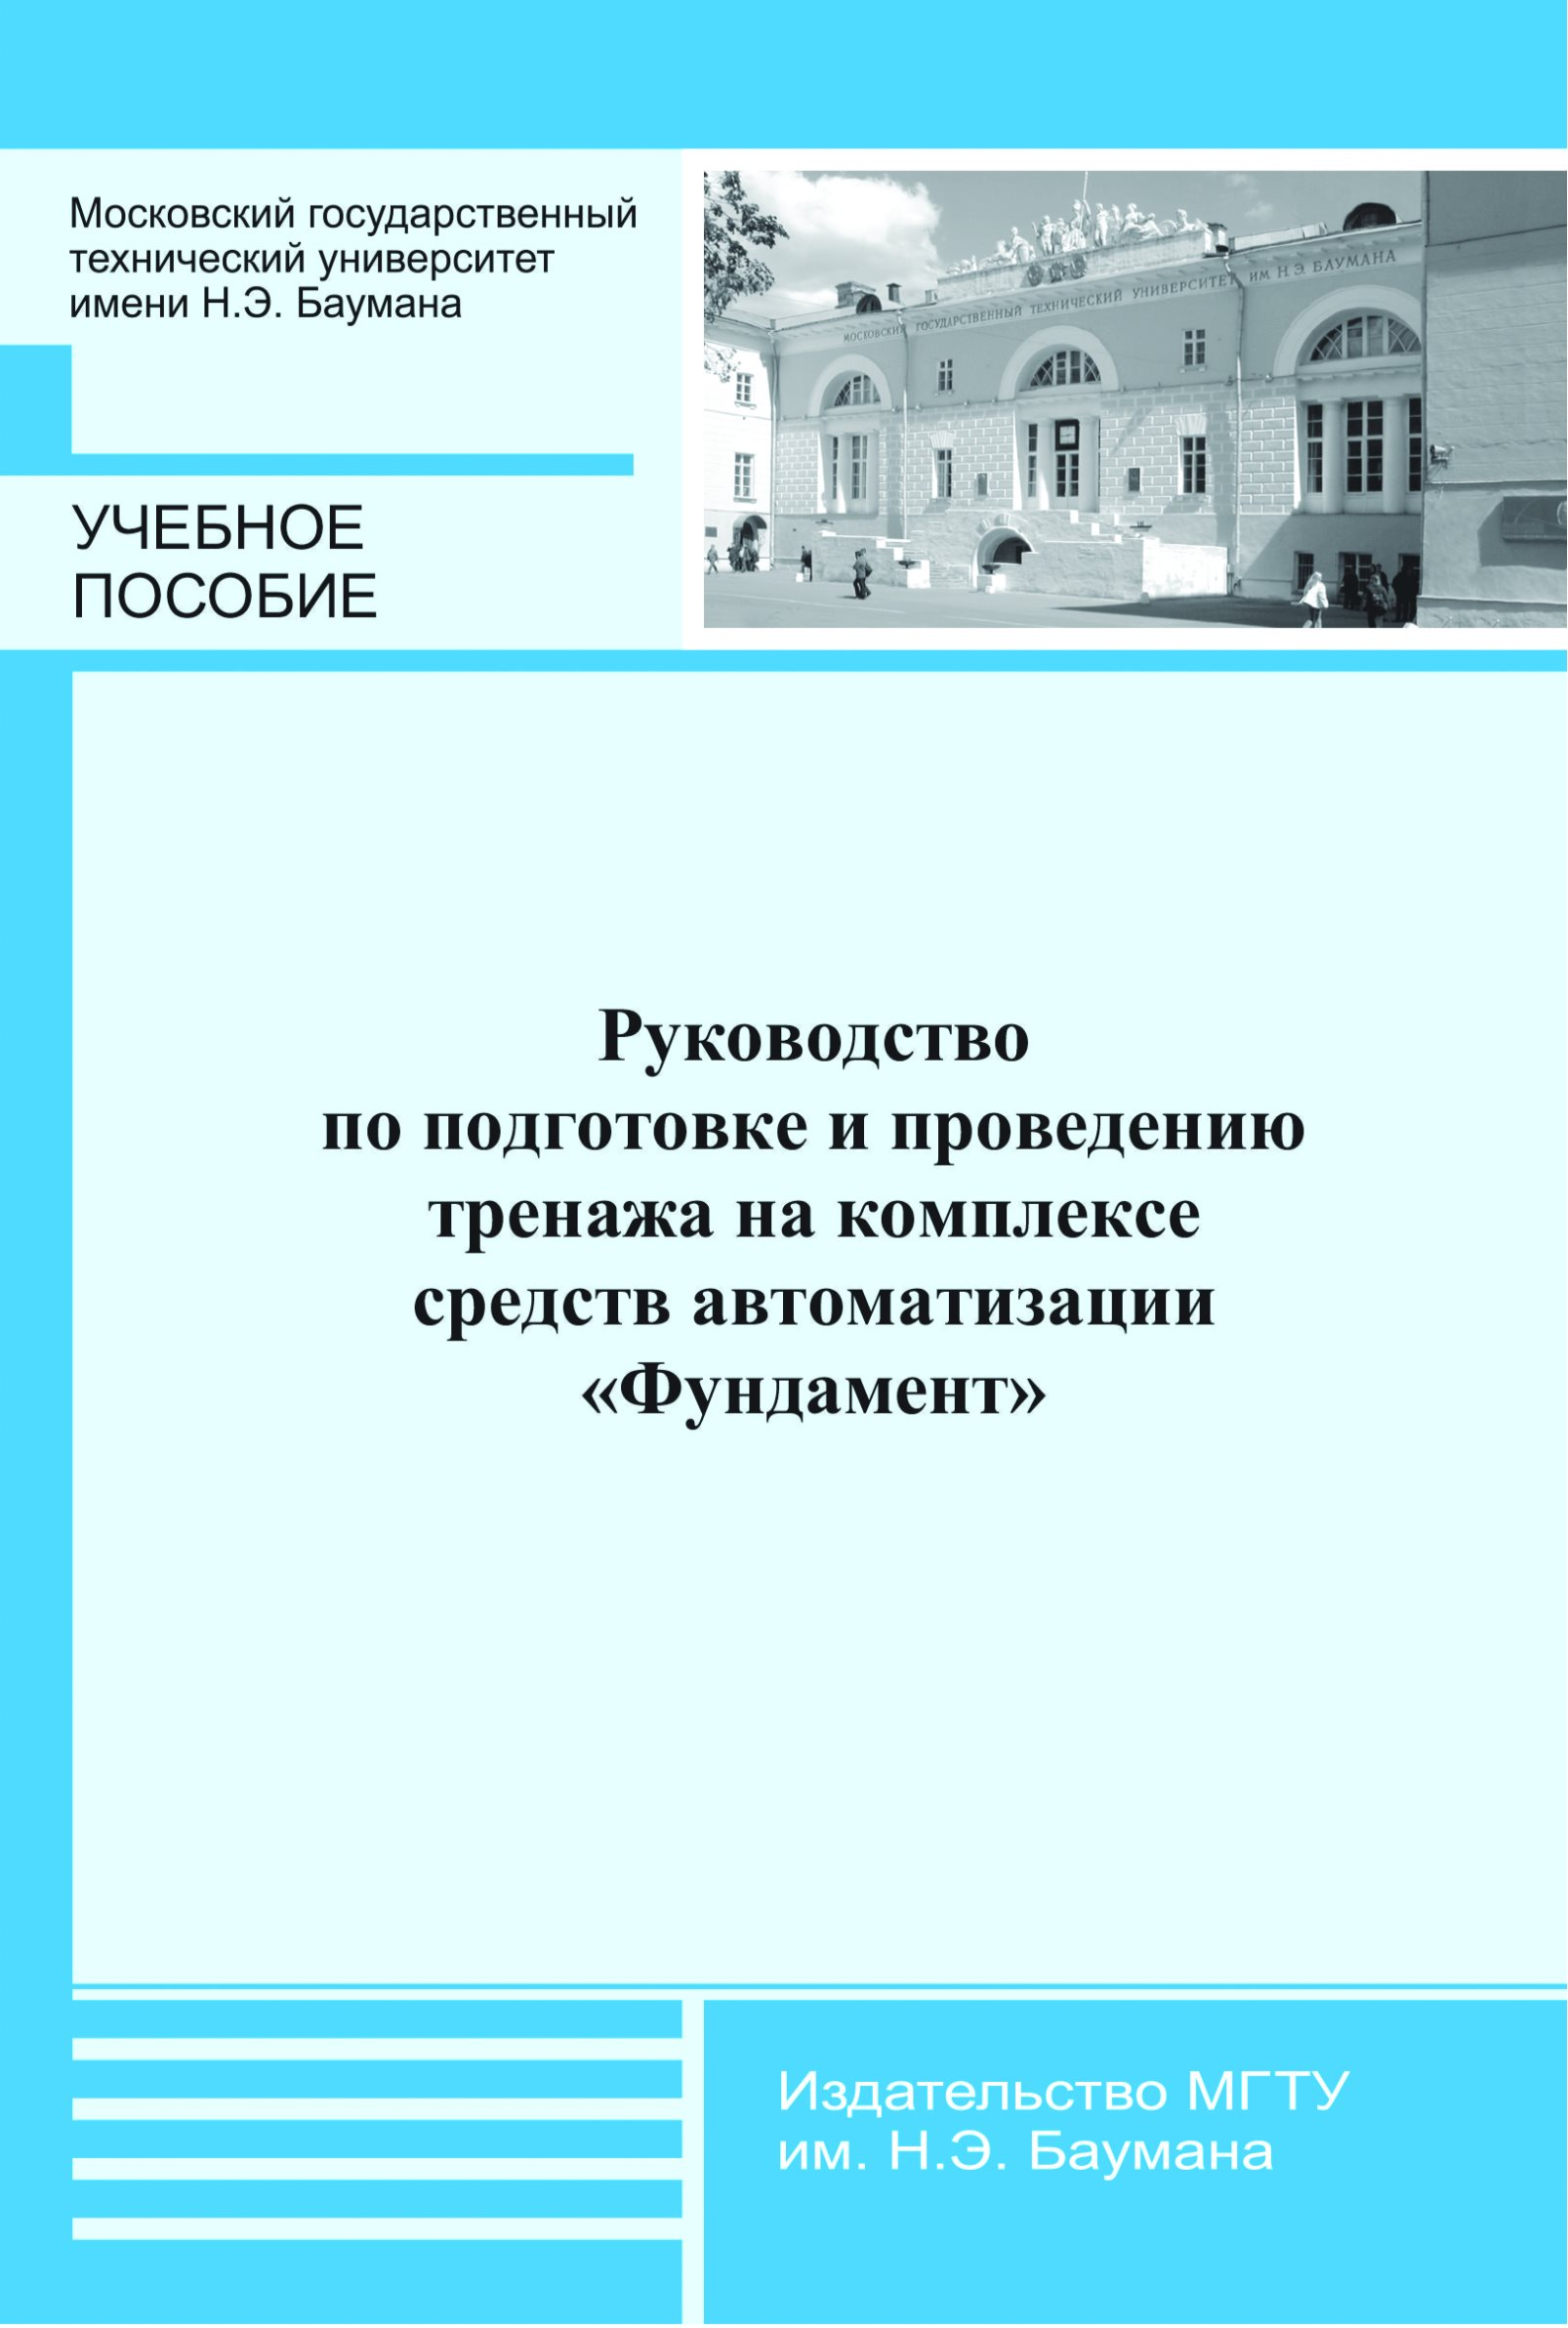 Владимир Горелов Руководство по подготовке и проведению тренажа на комплексе средств автоматизации «Фундамент»